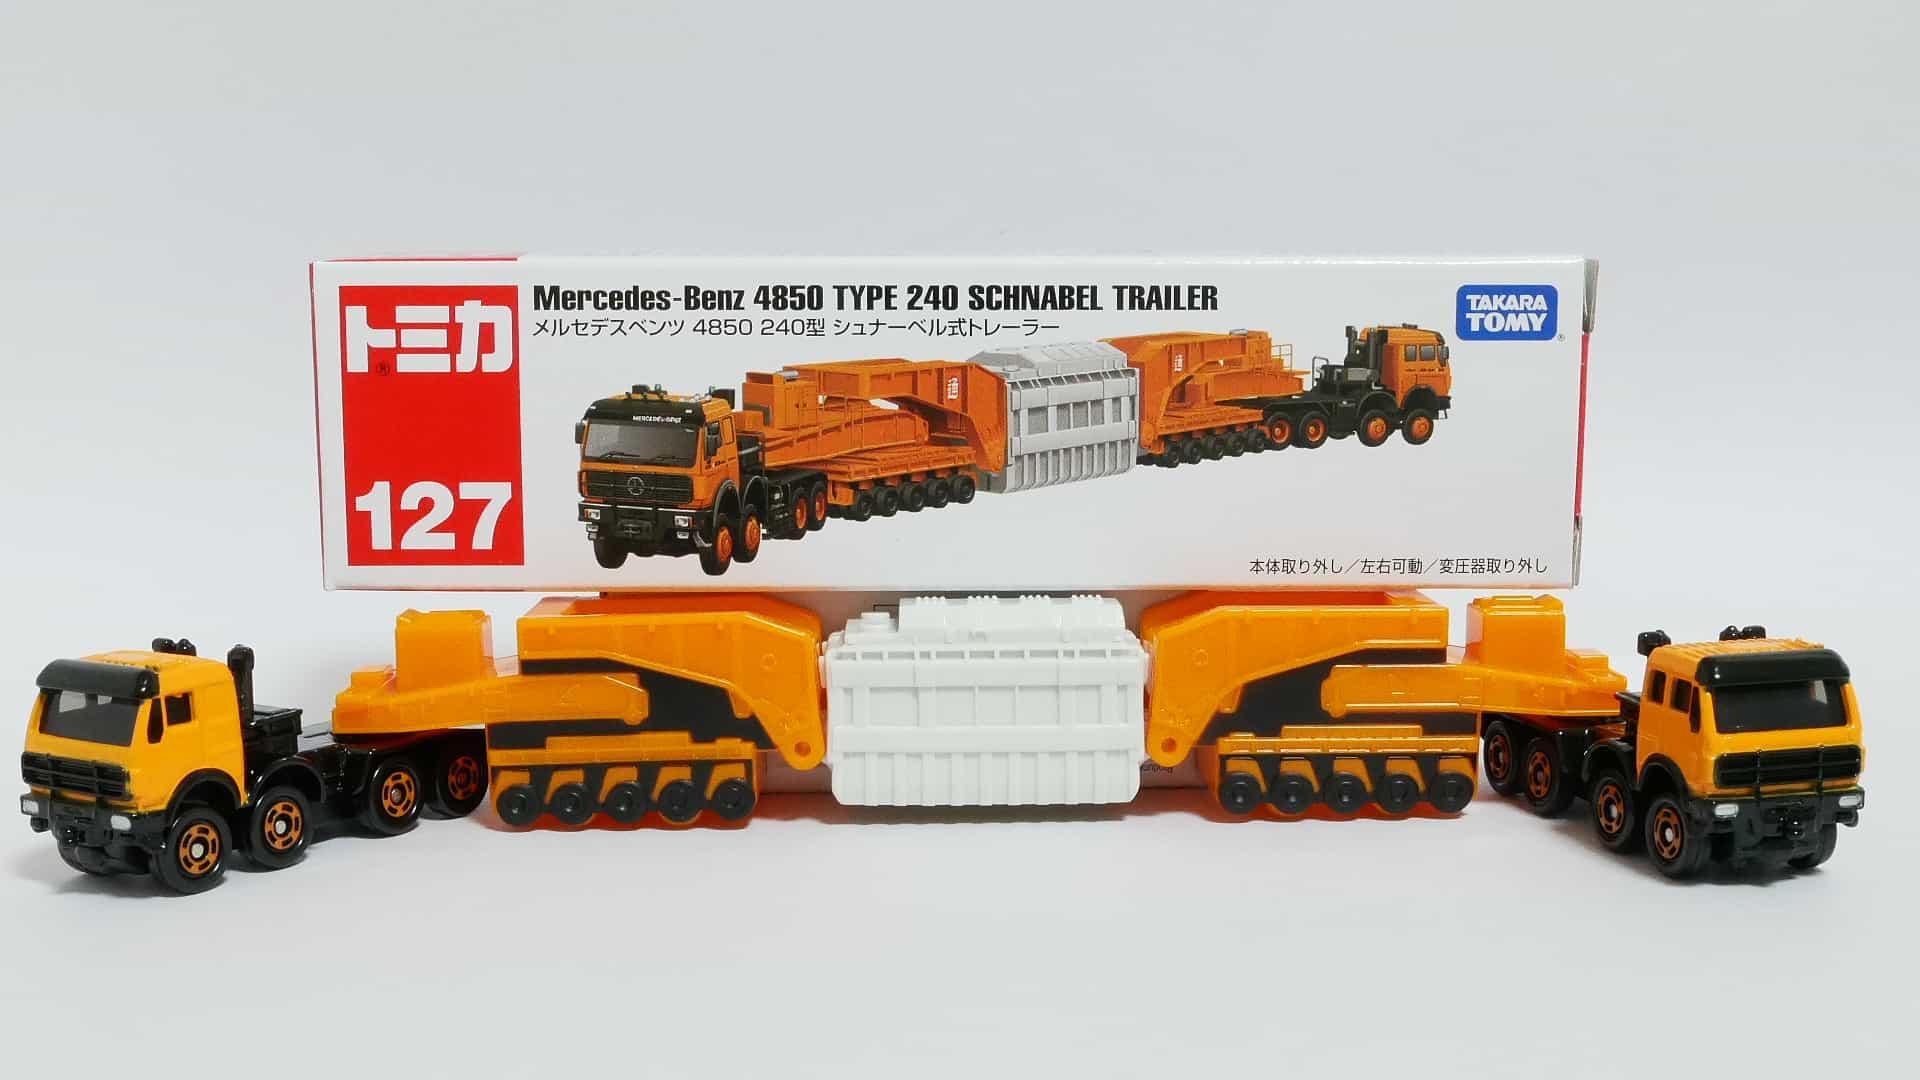 ロングタイプトミカNo.127-4メルセデスベンツ4850_240型シュナーベル式トレーラー-箱